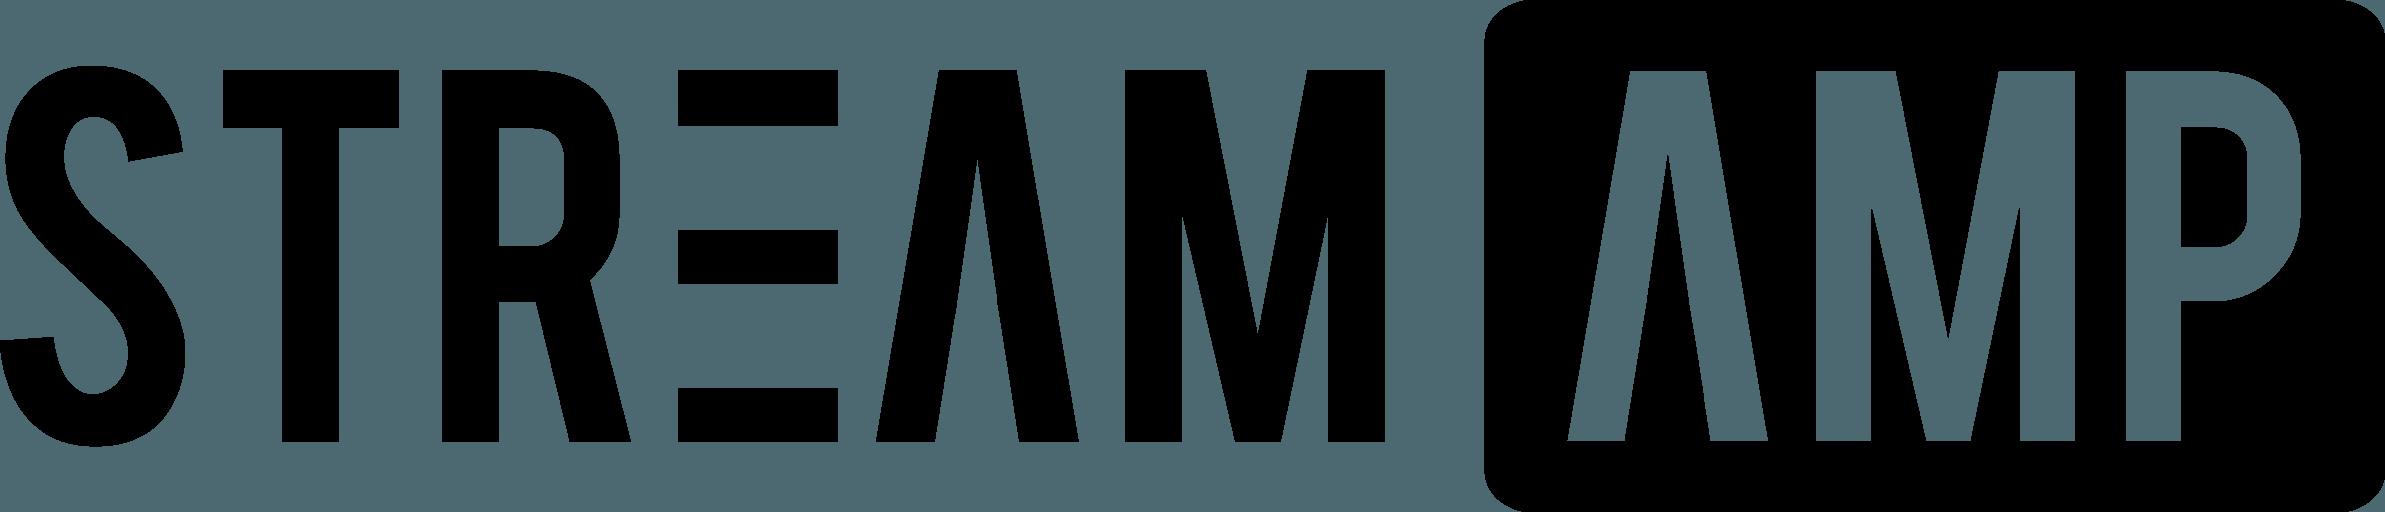 Stream Amp